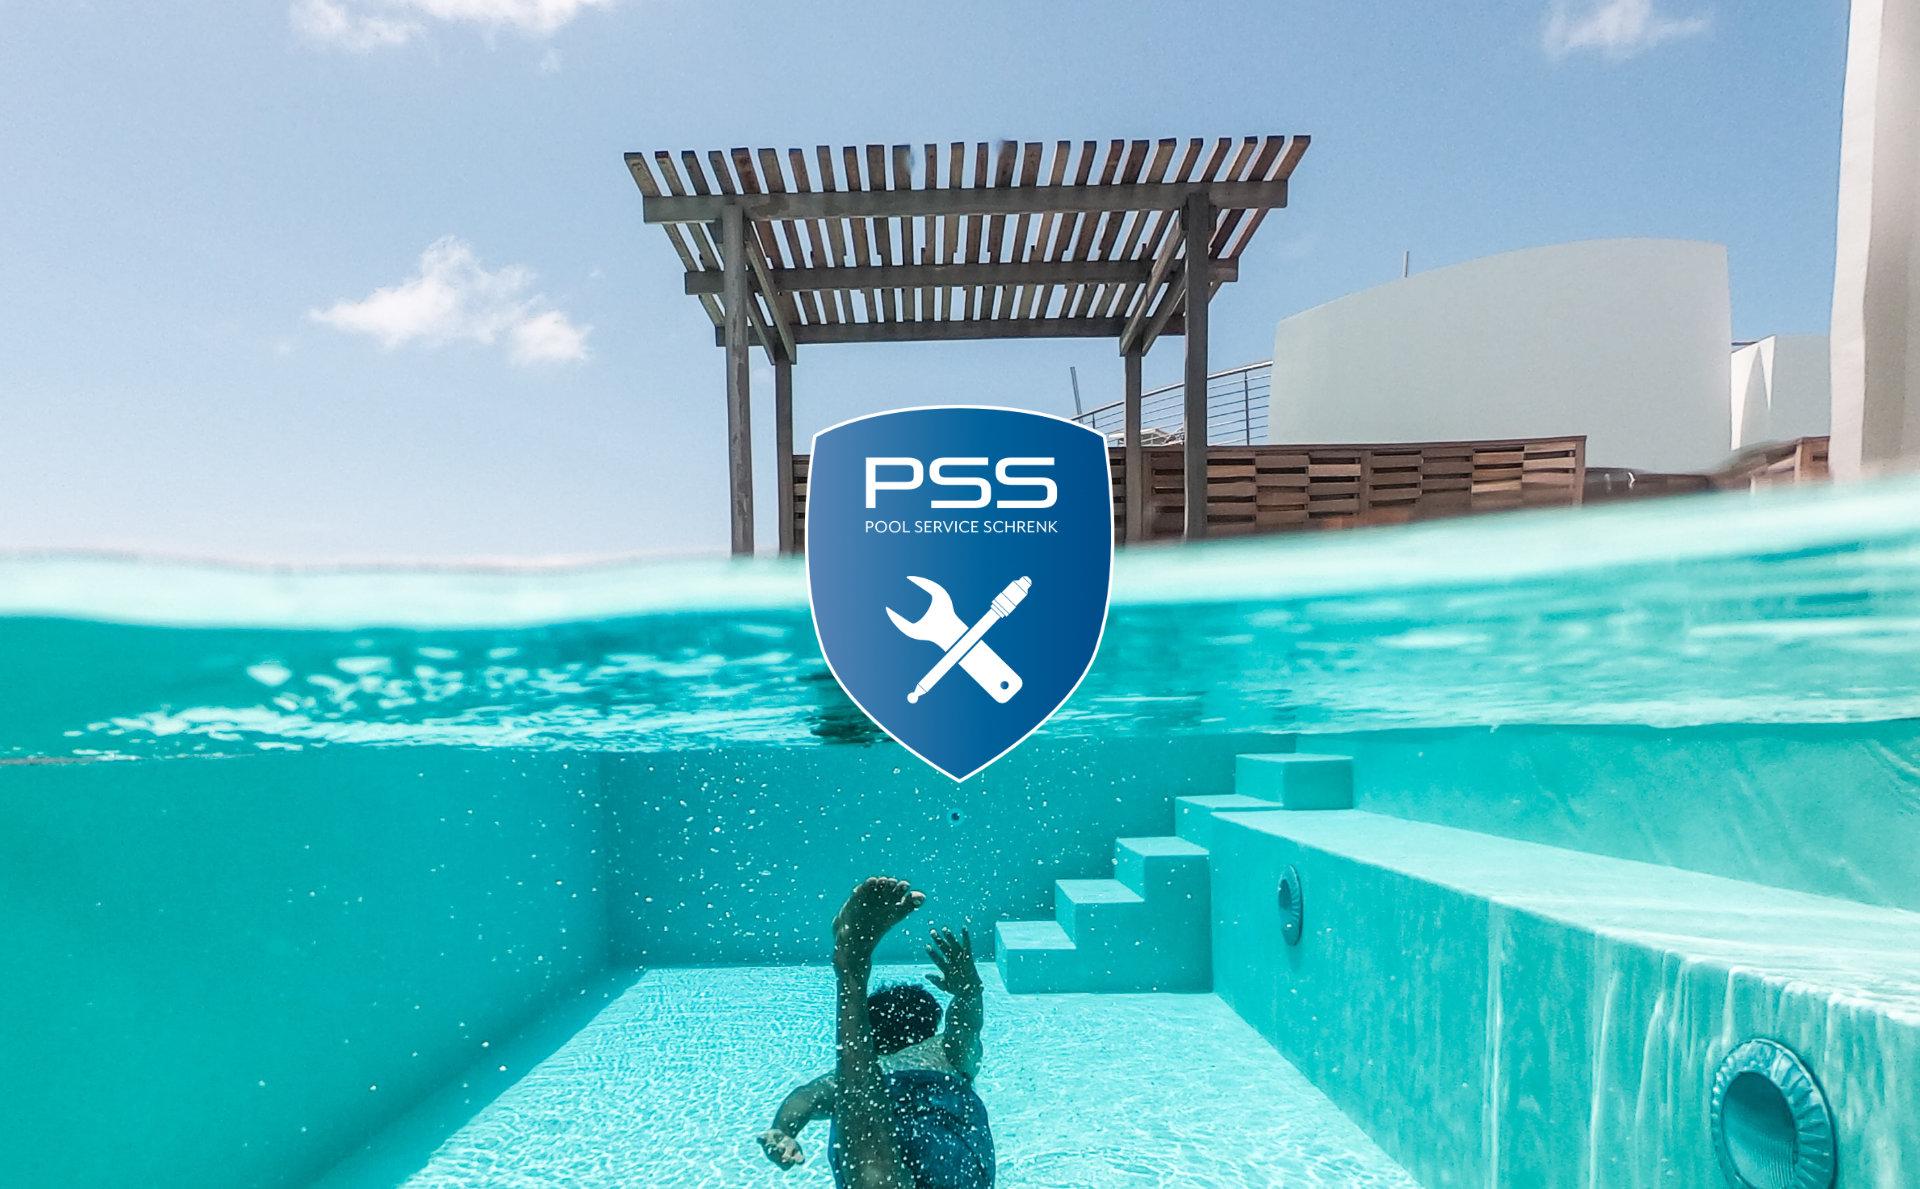 PSS Pool Service Schrenk Über uns